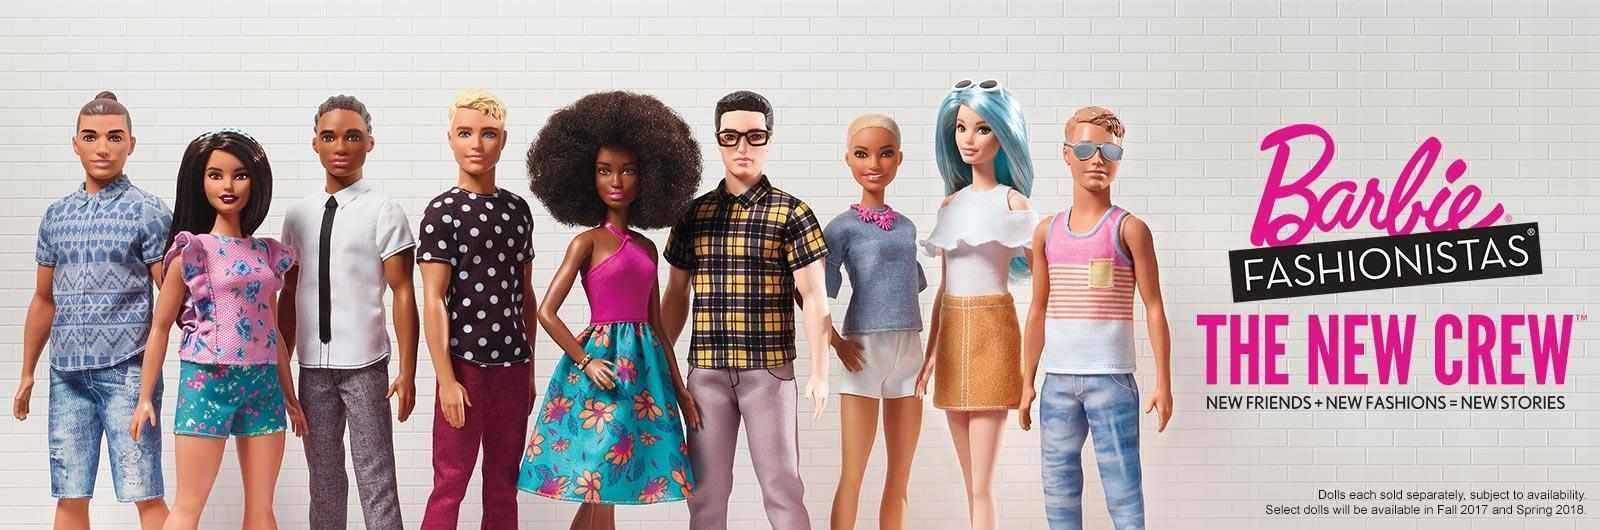 Ken cambia look: ecco il restyling del fidanzato di Barbie